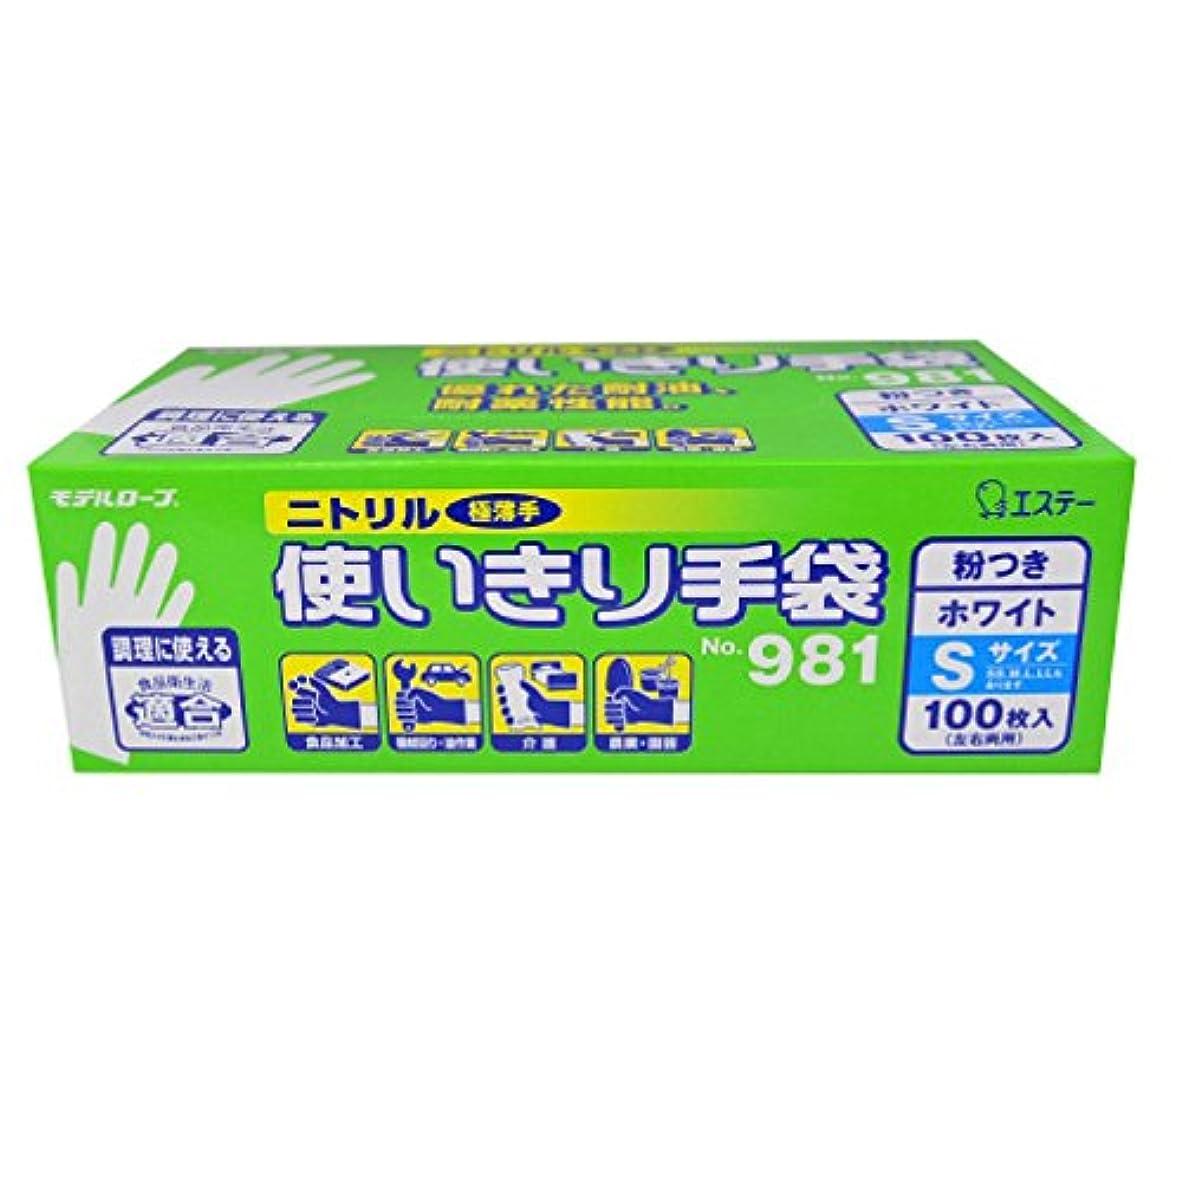 接続樫の木変換するエステー 二トリル手袋 粉付(100枚入)S ブルー No.981